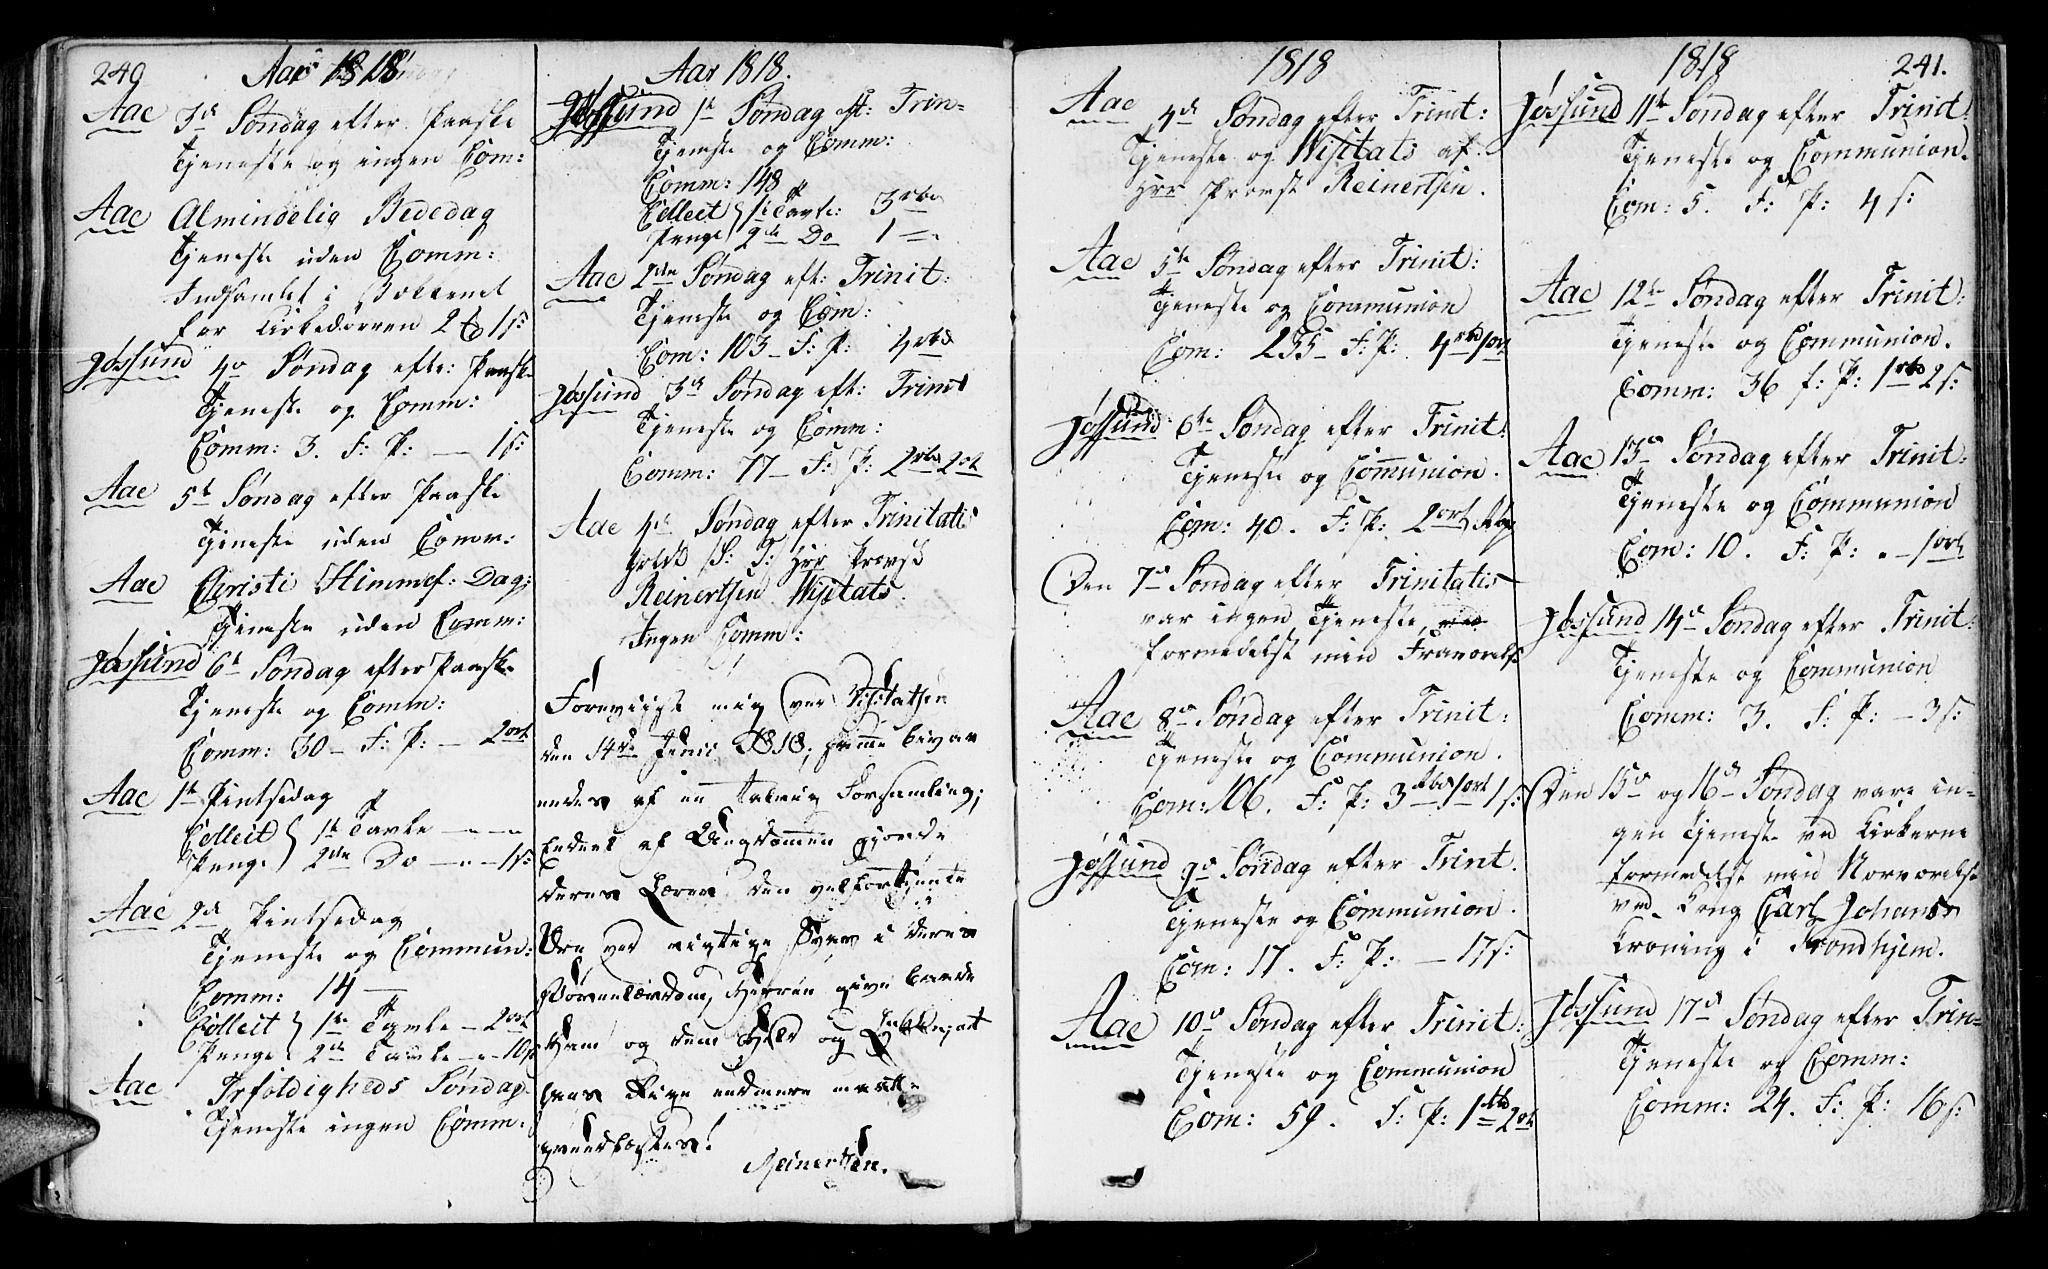 SAT, Ministerialprotokoller, klokkerbøker og fødselsregistre - Sør-Trøndelag, 655/L0674: Ministerialbok nr. 655A03, 1802-1826, s. 240-241